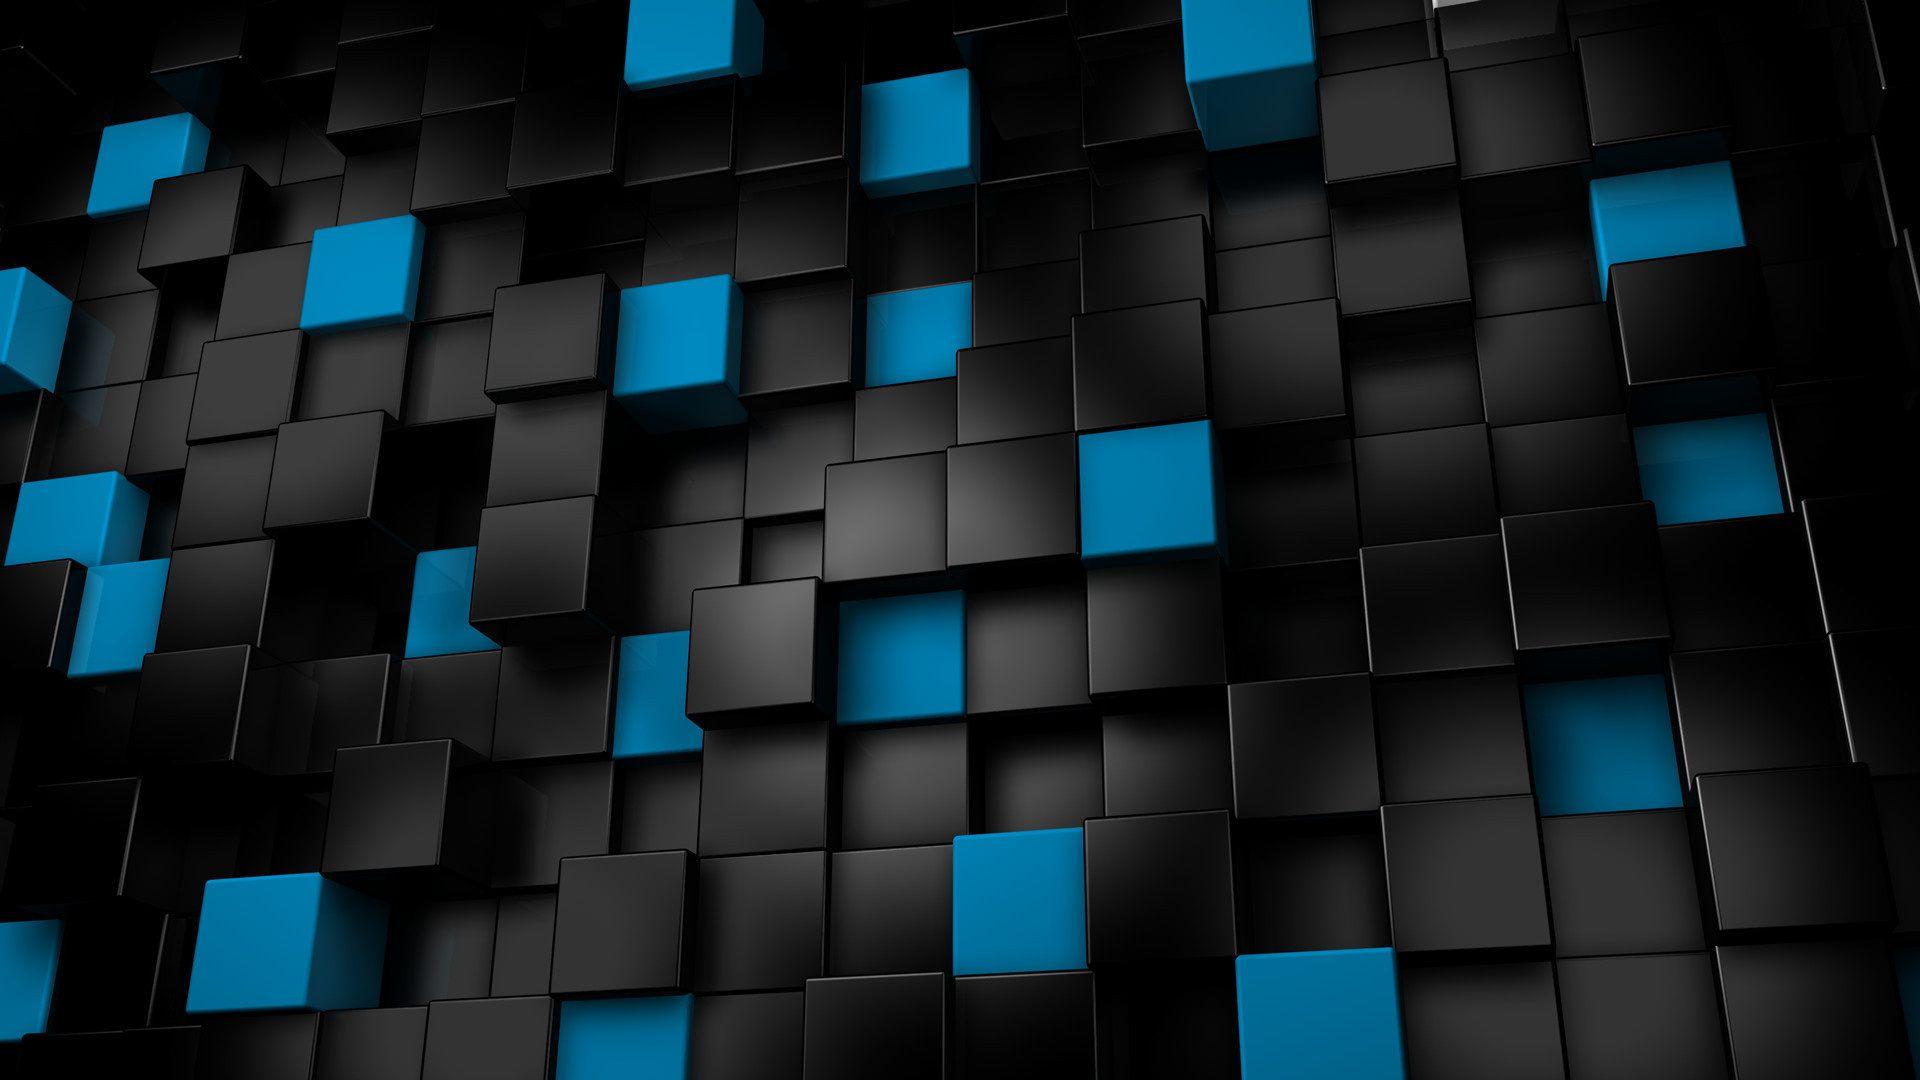 Куб  № 2324530 без смс